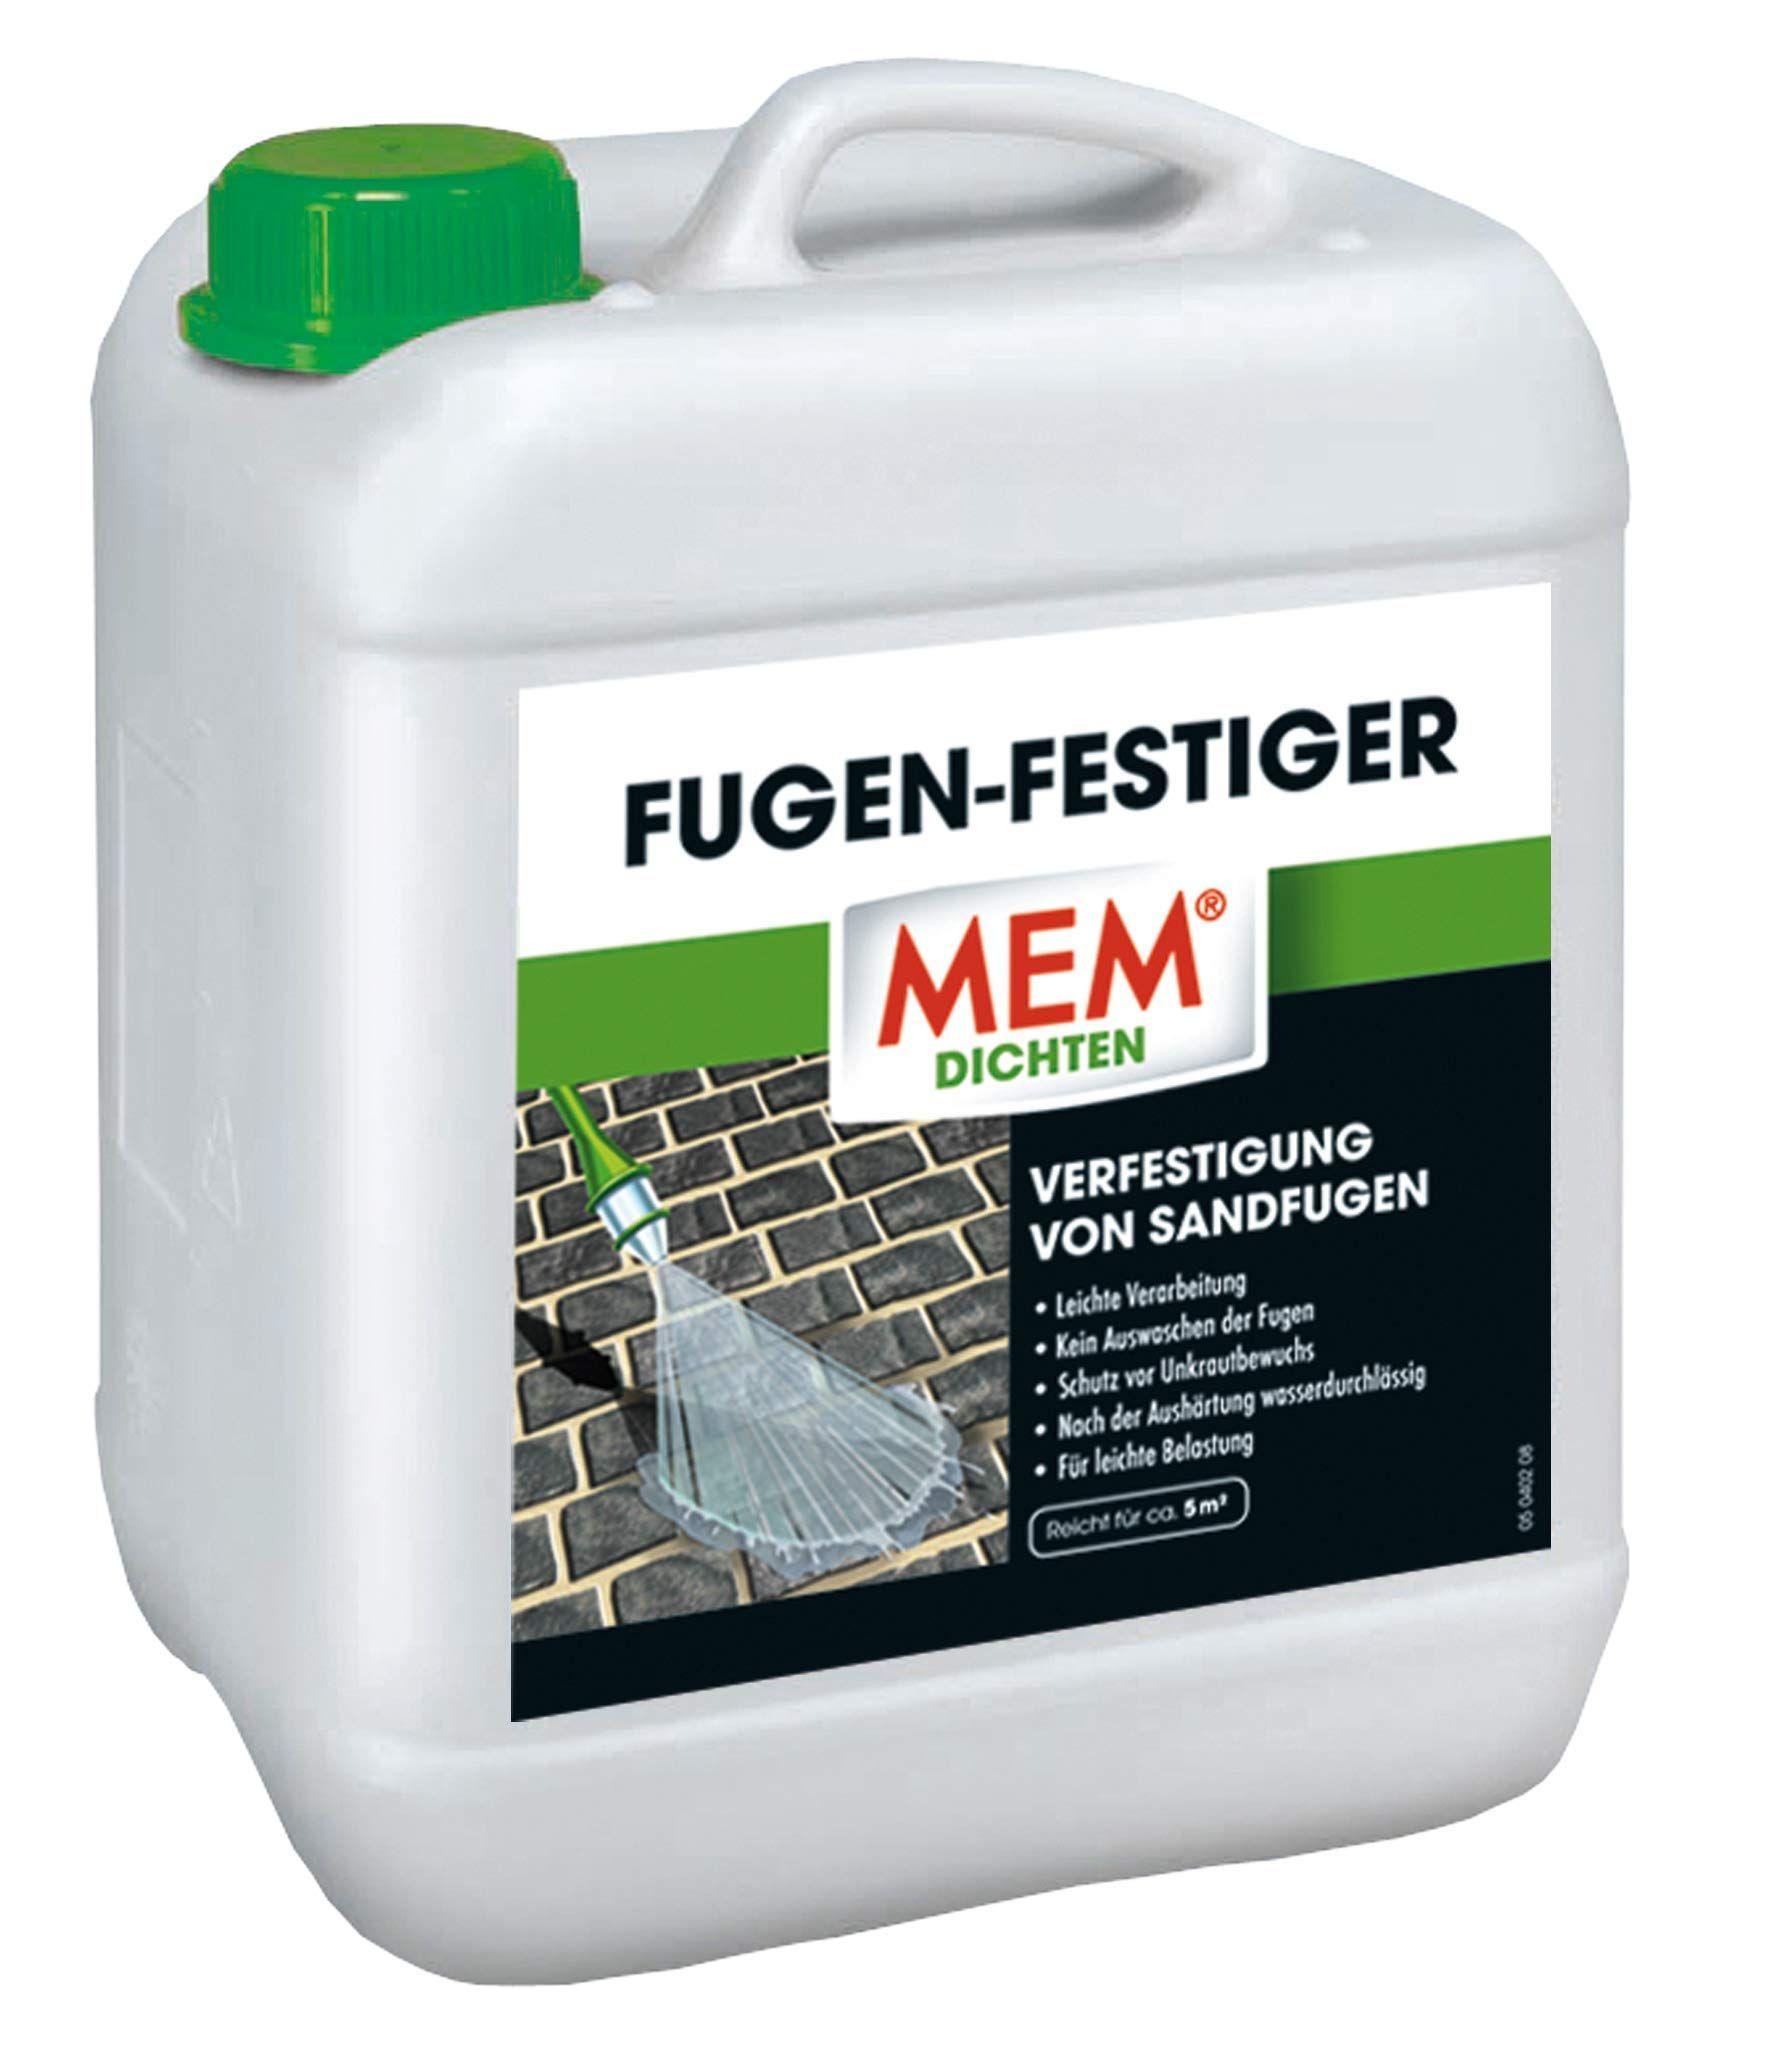 Mem Fugen Festiger 5 L In 2020 Baustoffe Baumarkt Ebay